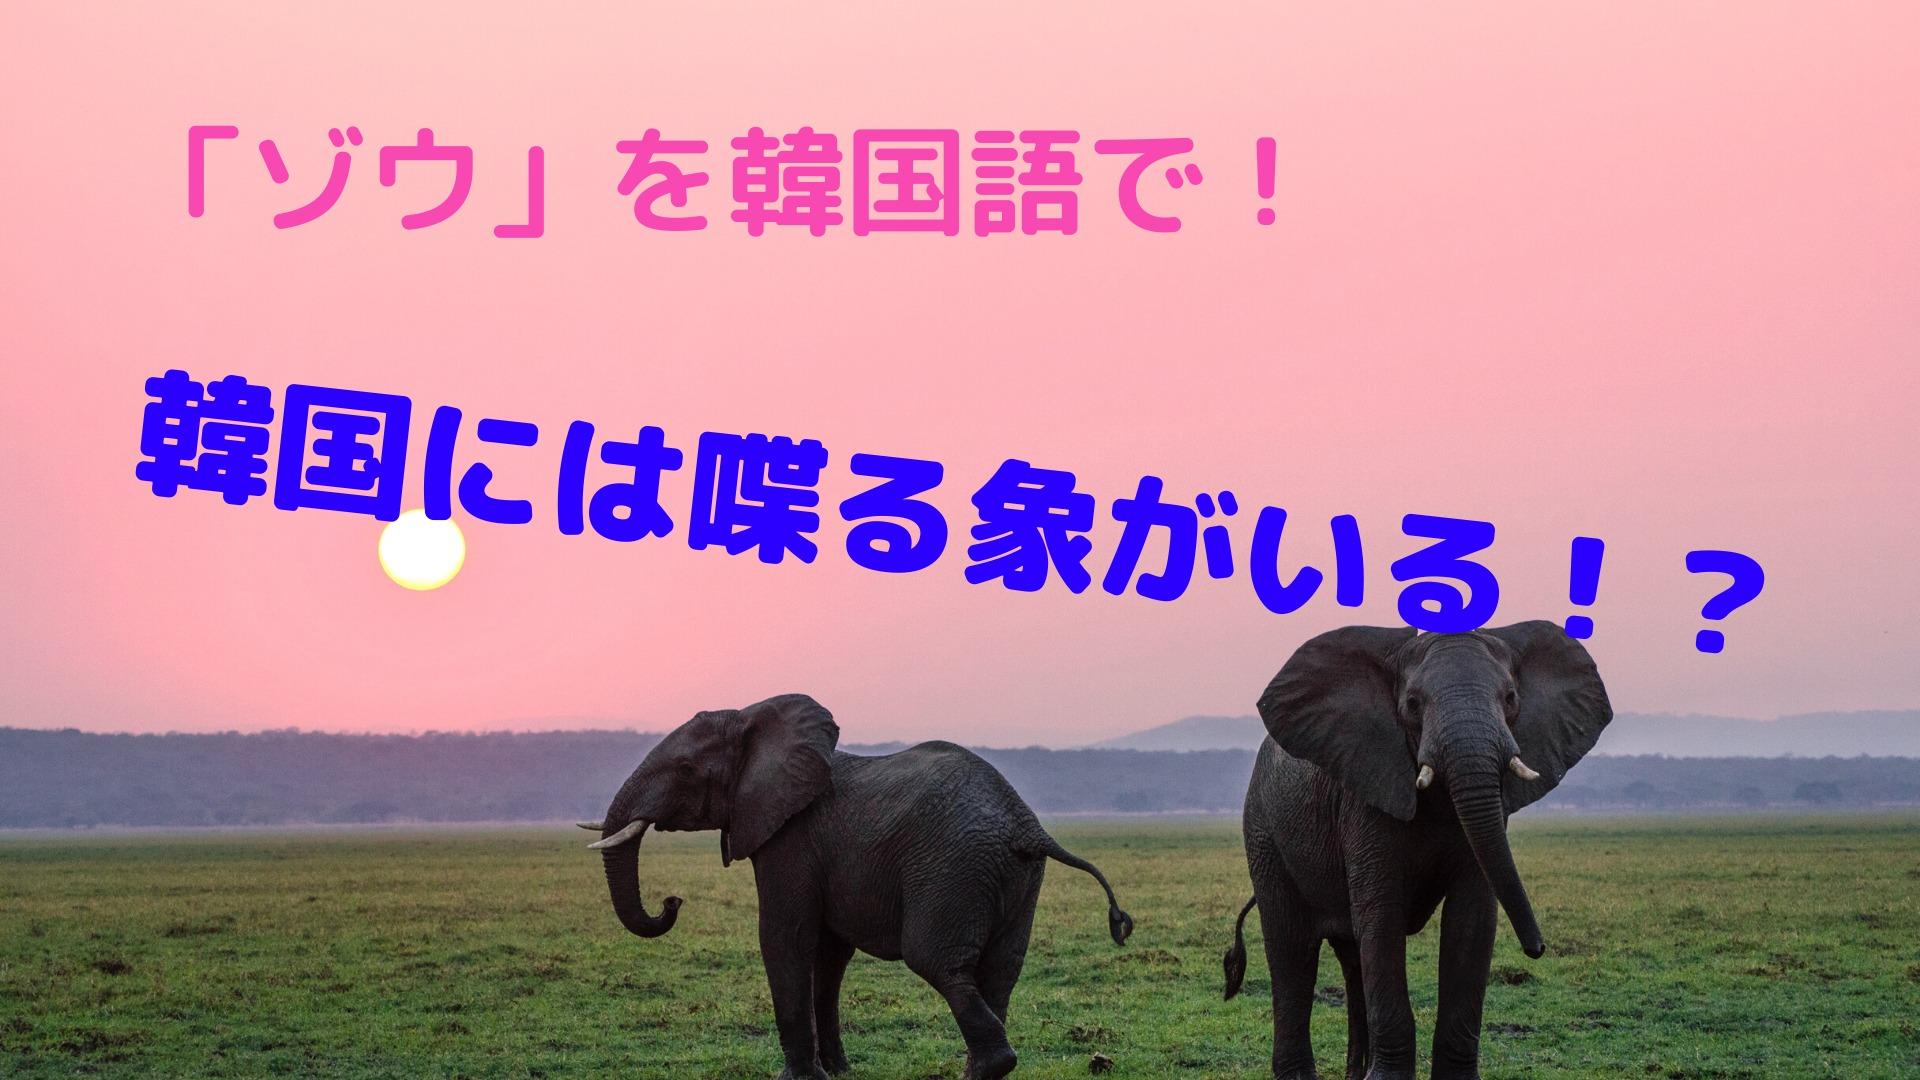 「ゾウ」を韓国語で!【韓国にはしゃべる象がいる!?】